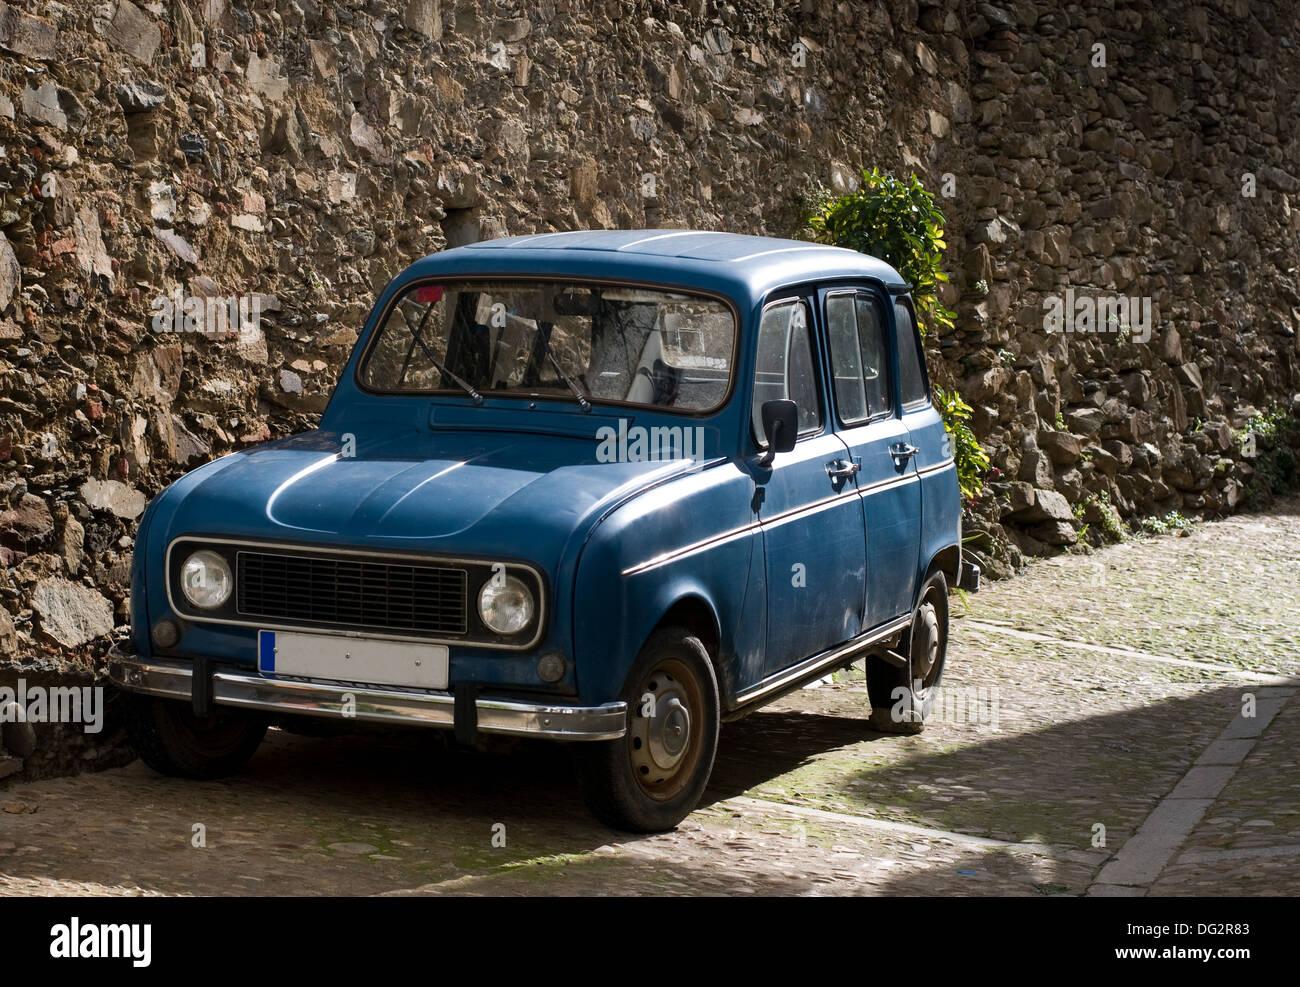 Antiguo coche azul en ambiente rural. Imagen De Stock